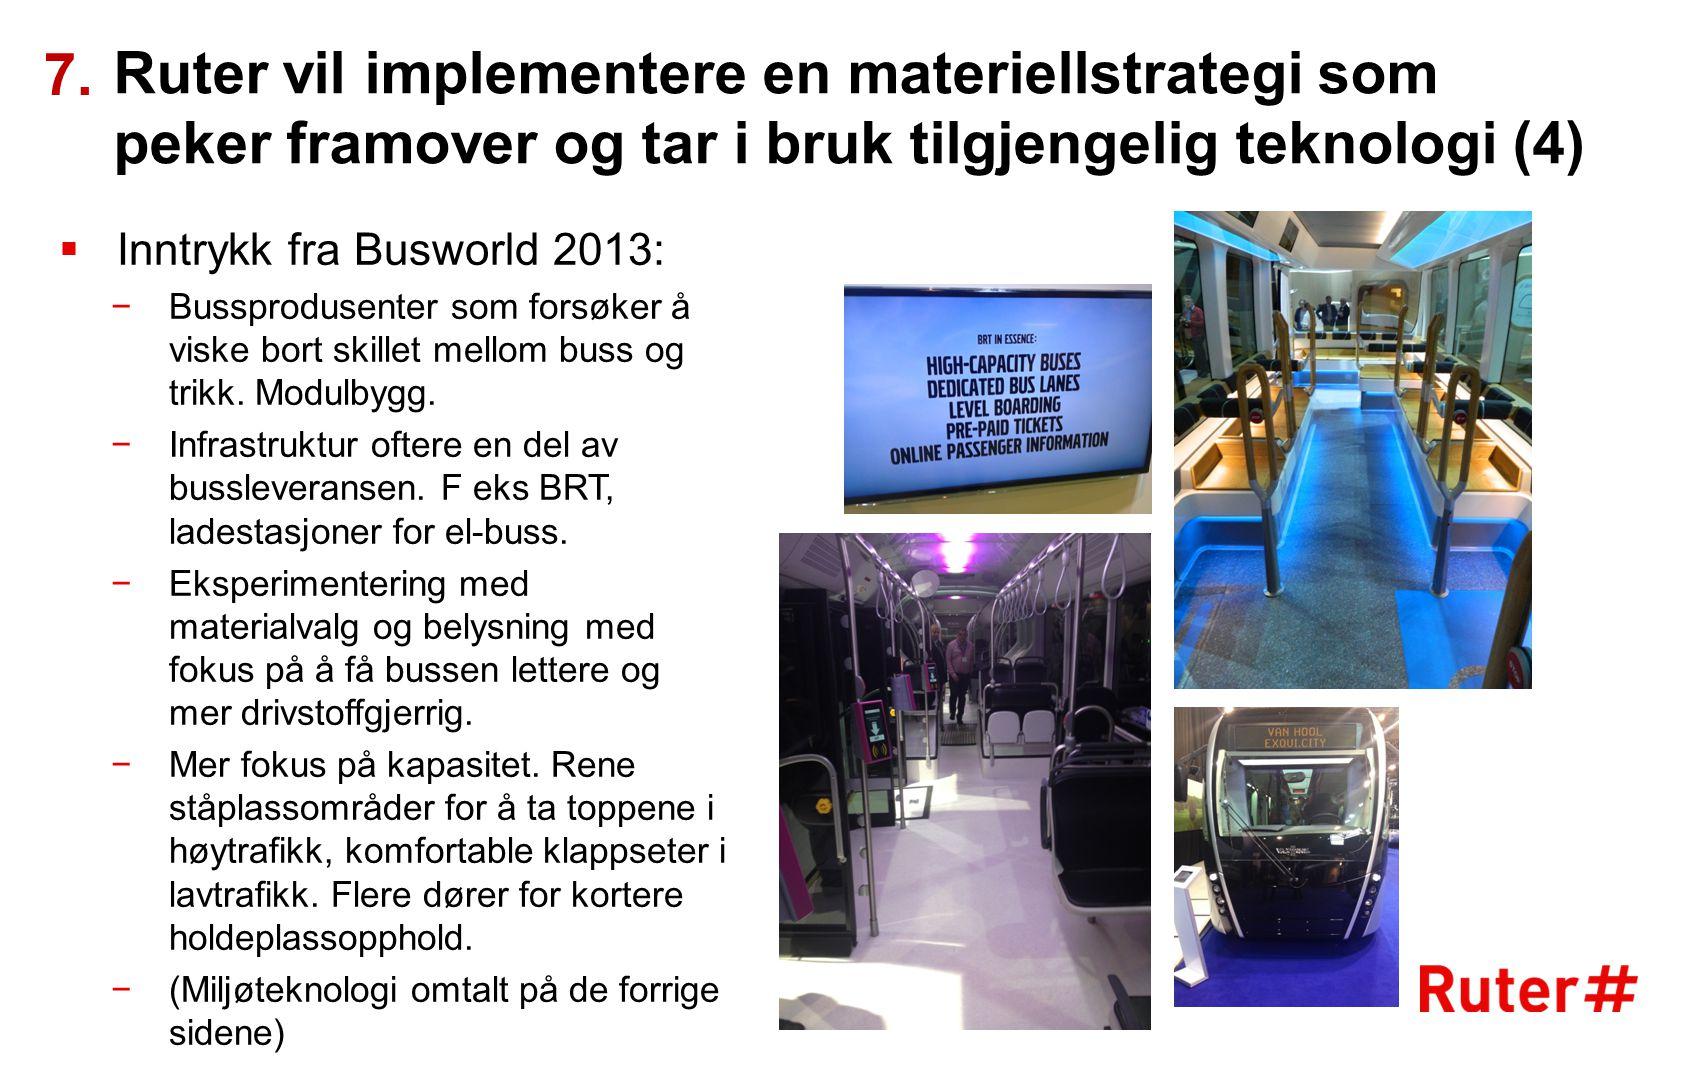 7. Ruter vil implementere en materiellstrategi som peker framover og tar i bruk tilgjengelig teknologi (4)